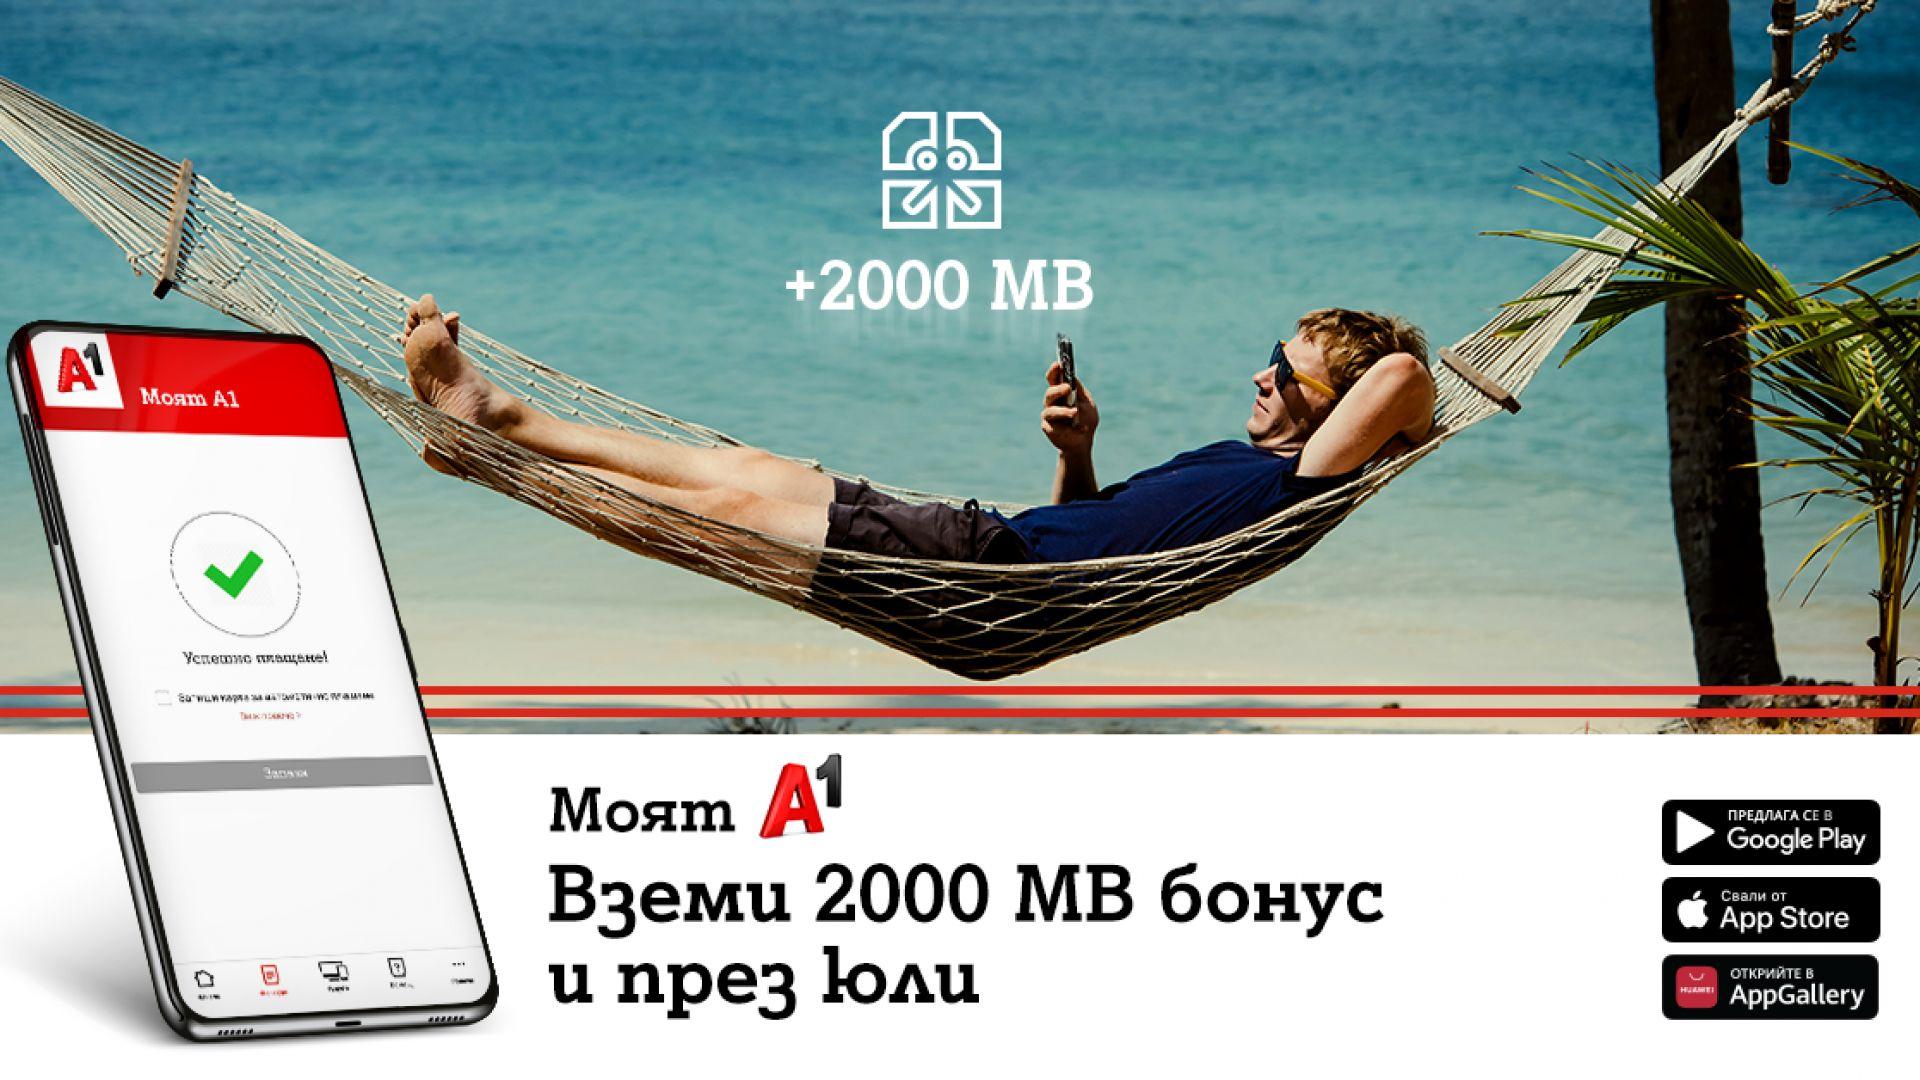 А1 стимулира онлайн плащанията през Моят А1 и през юли